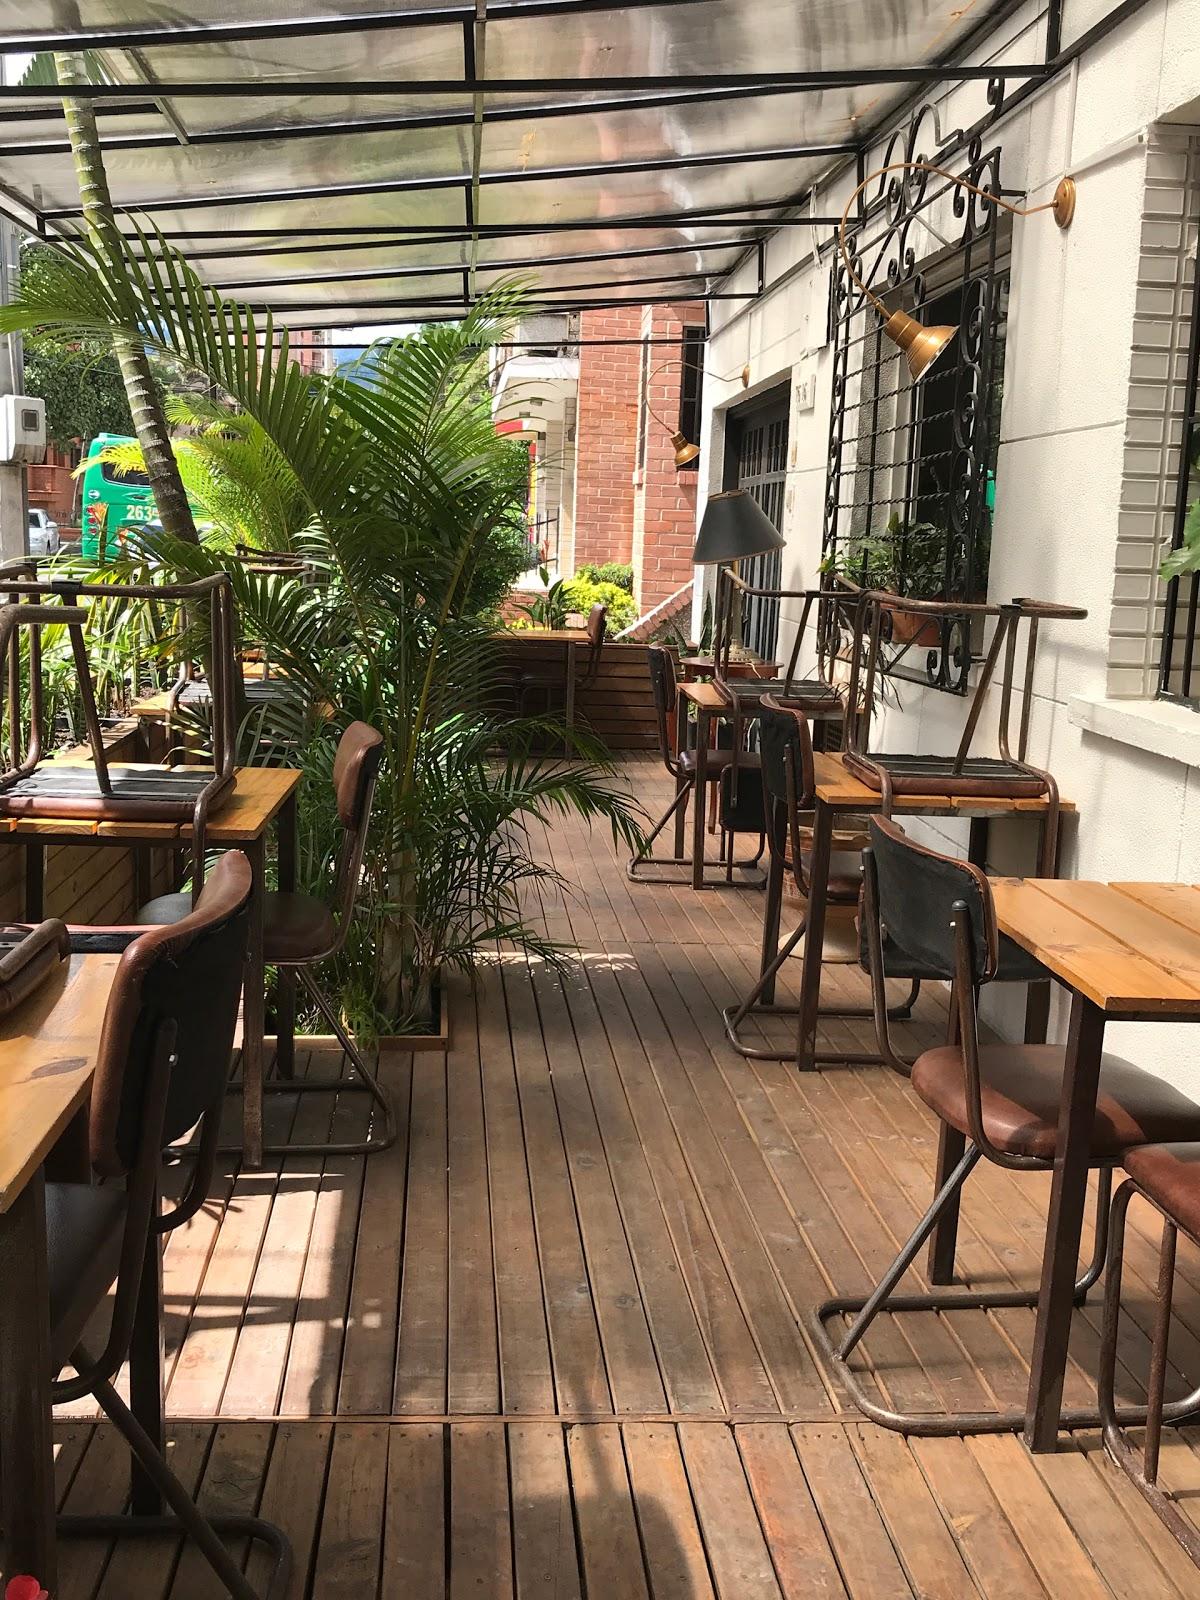 Cafe Zeppelin: A Work-Friendly Place in Medellin